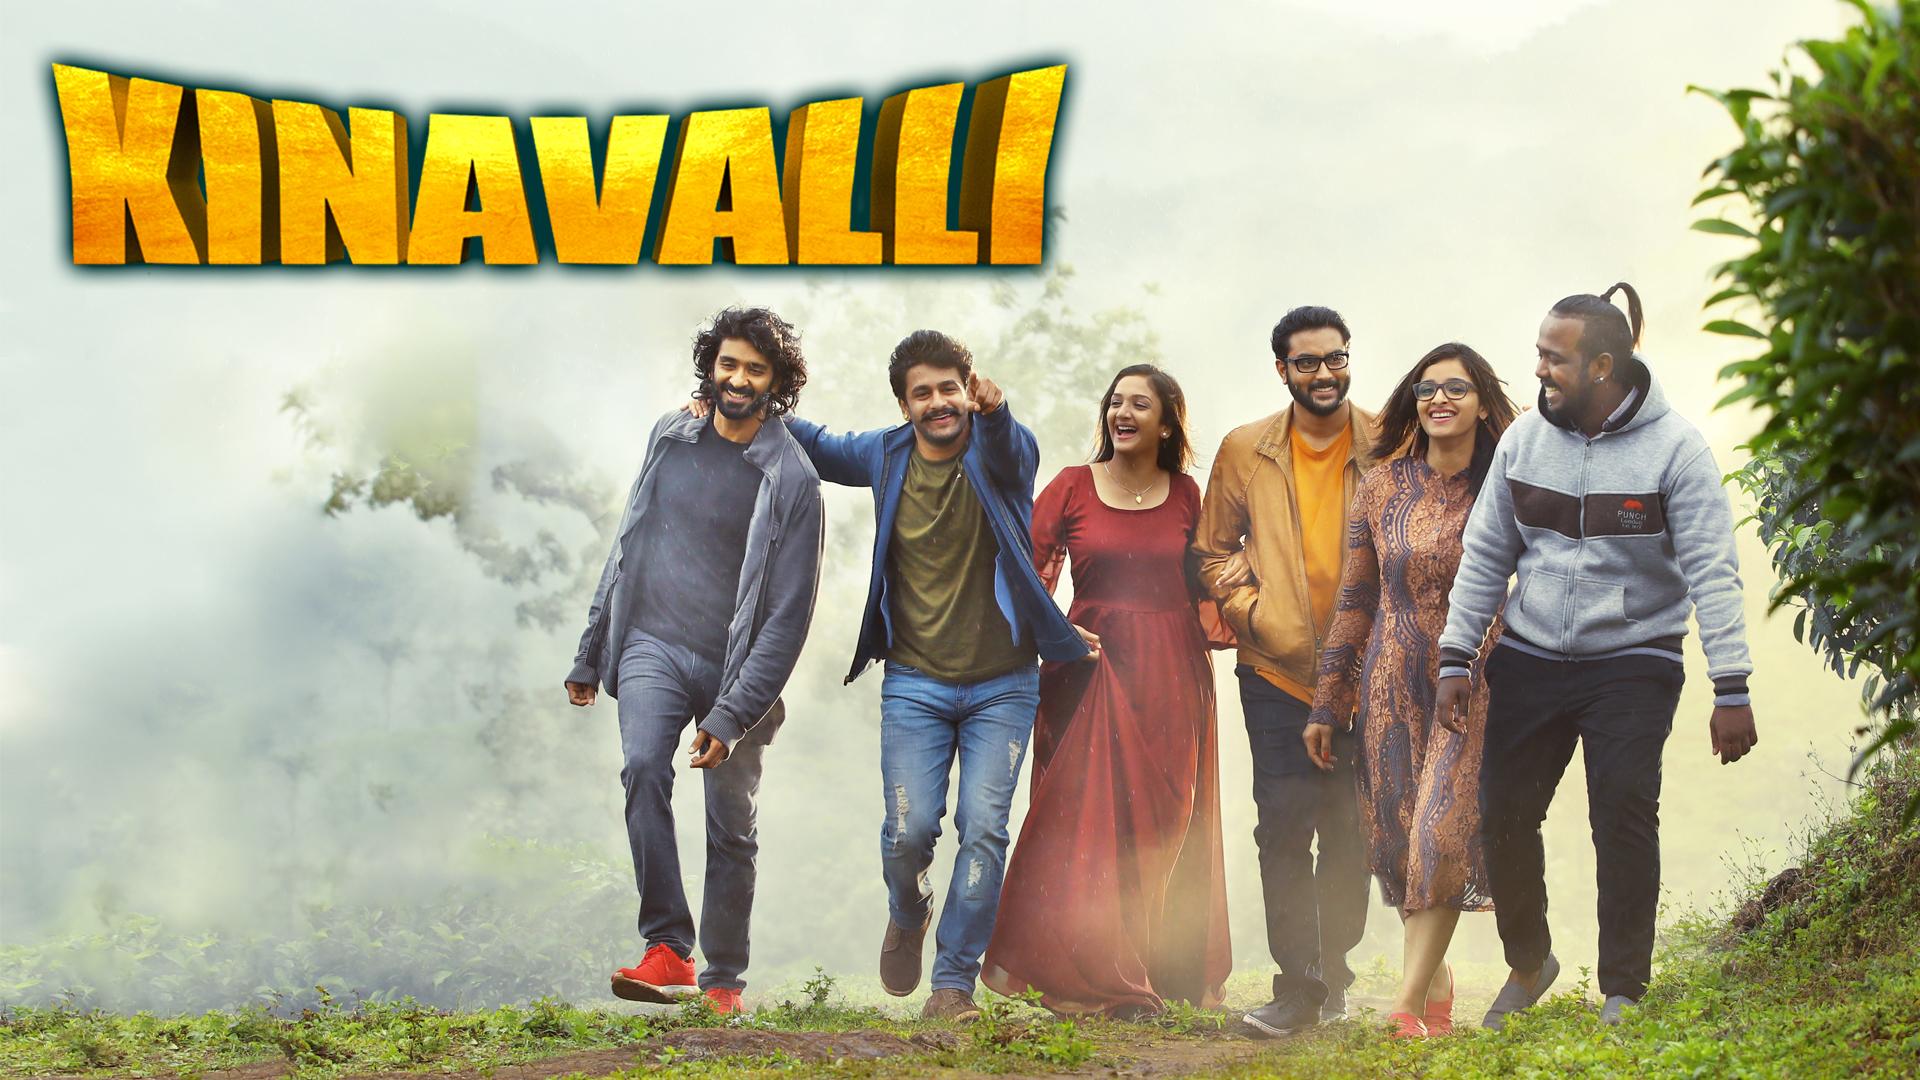 Kinavalli (Hindi)